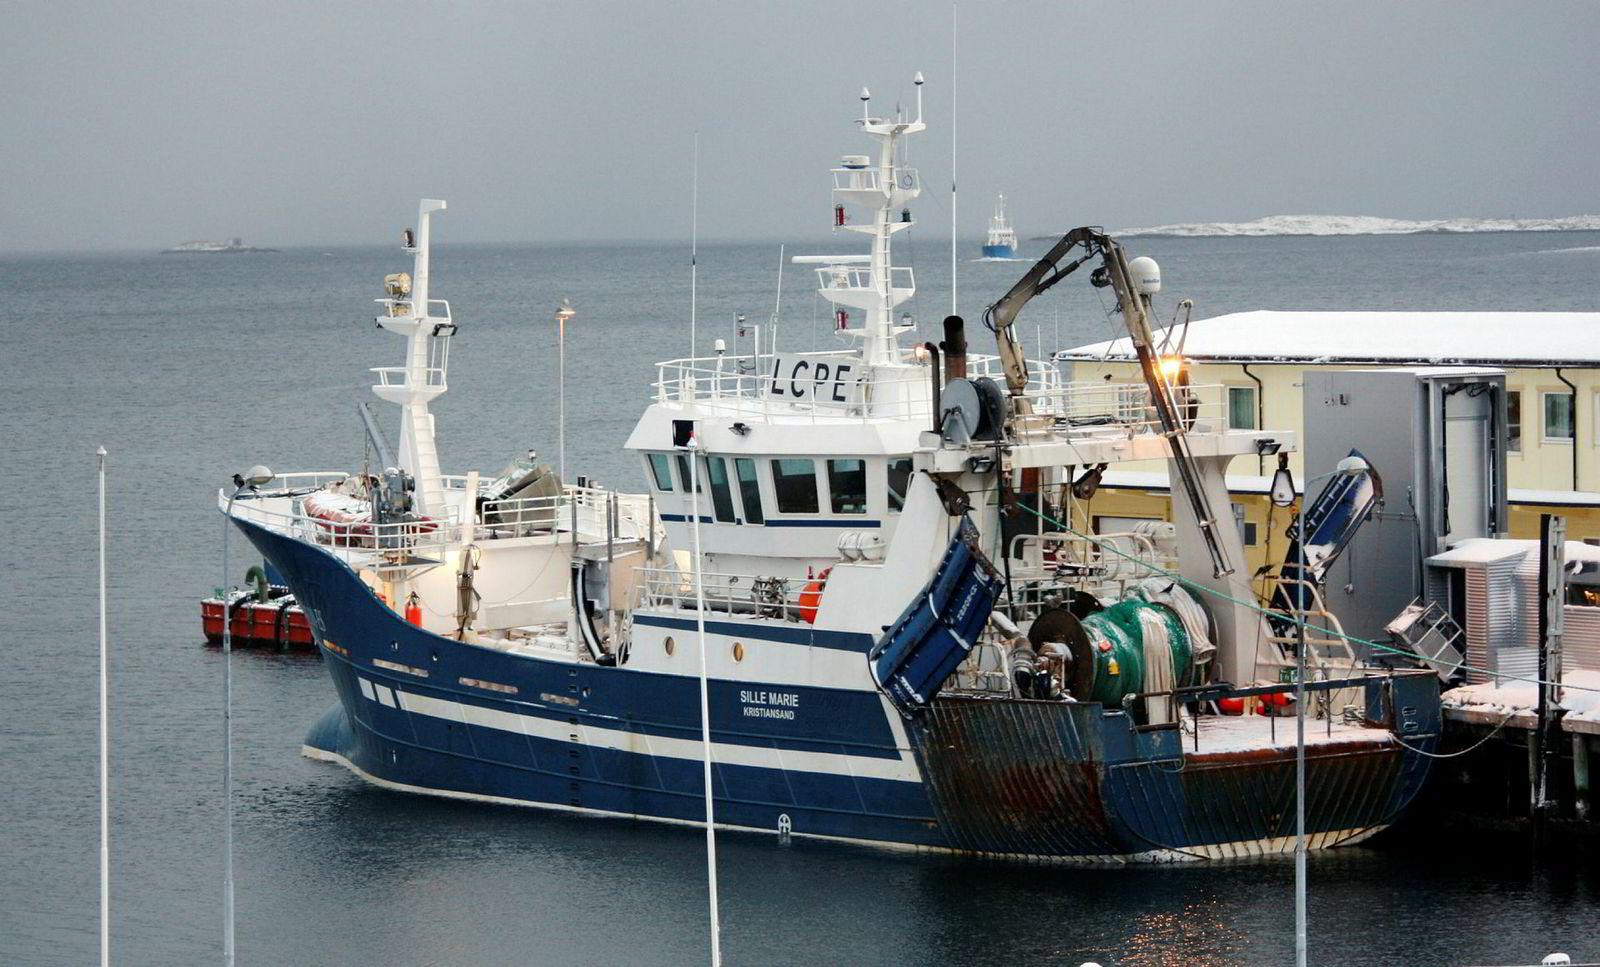 Industritråleren Sille Marie skal ha kostet over 200 millioner kroner inkludert kvoter da gasellevinner Aamodt Fiskeri sammen med Salthaug-familien kjøpte båten i fjor.